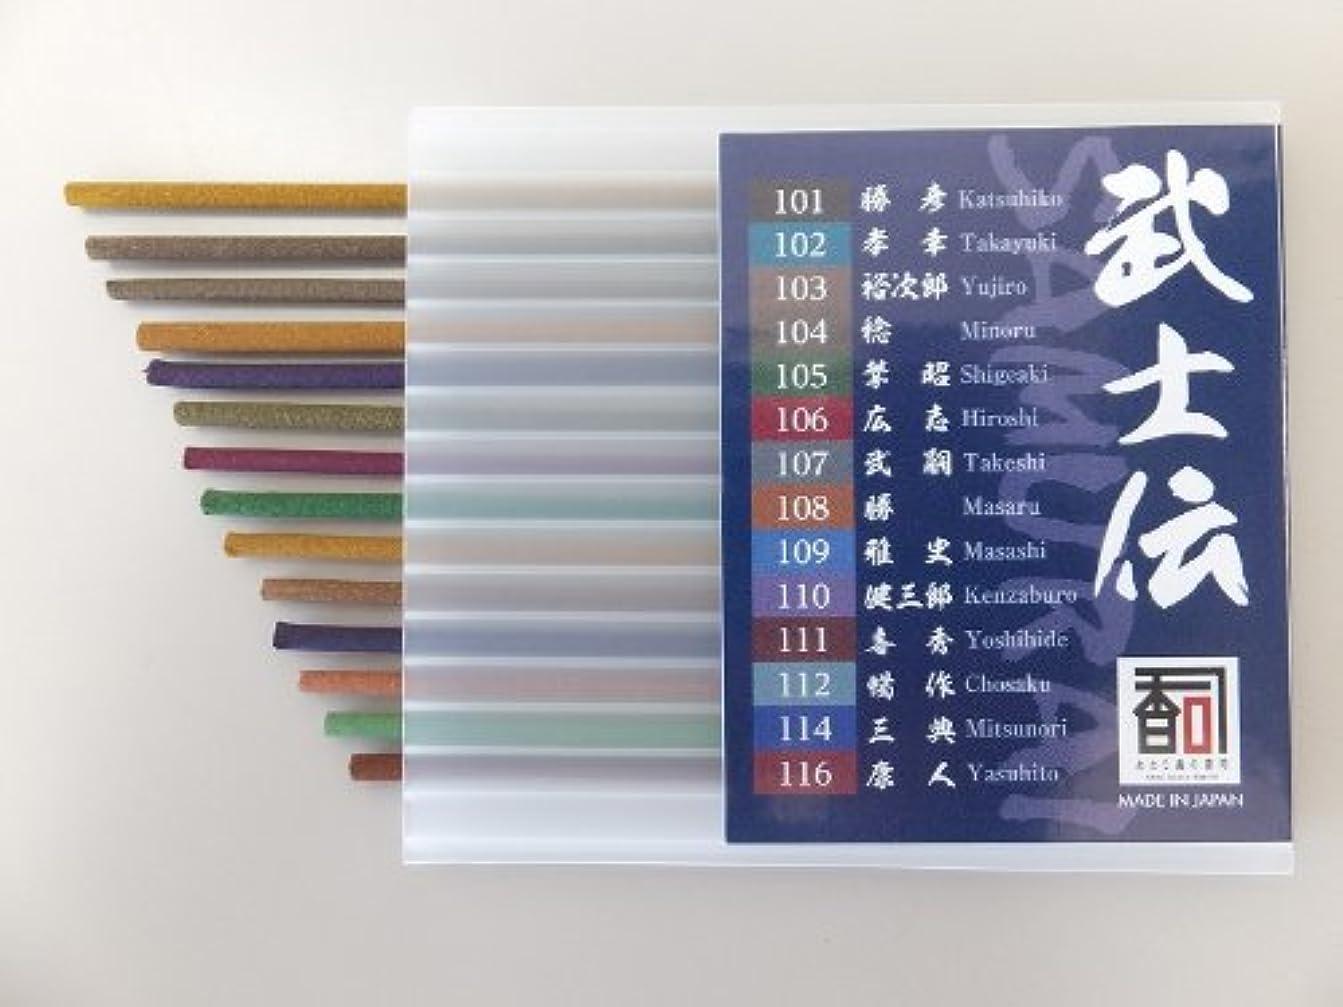 ソフィー平衡変な「あわじ島の香司」 日本の香りシリーズ 【武士伝】 14本セット ◆経済産業大臣賞◆